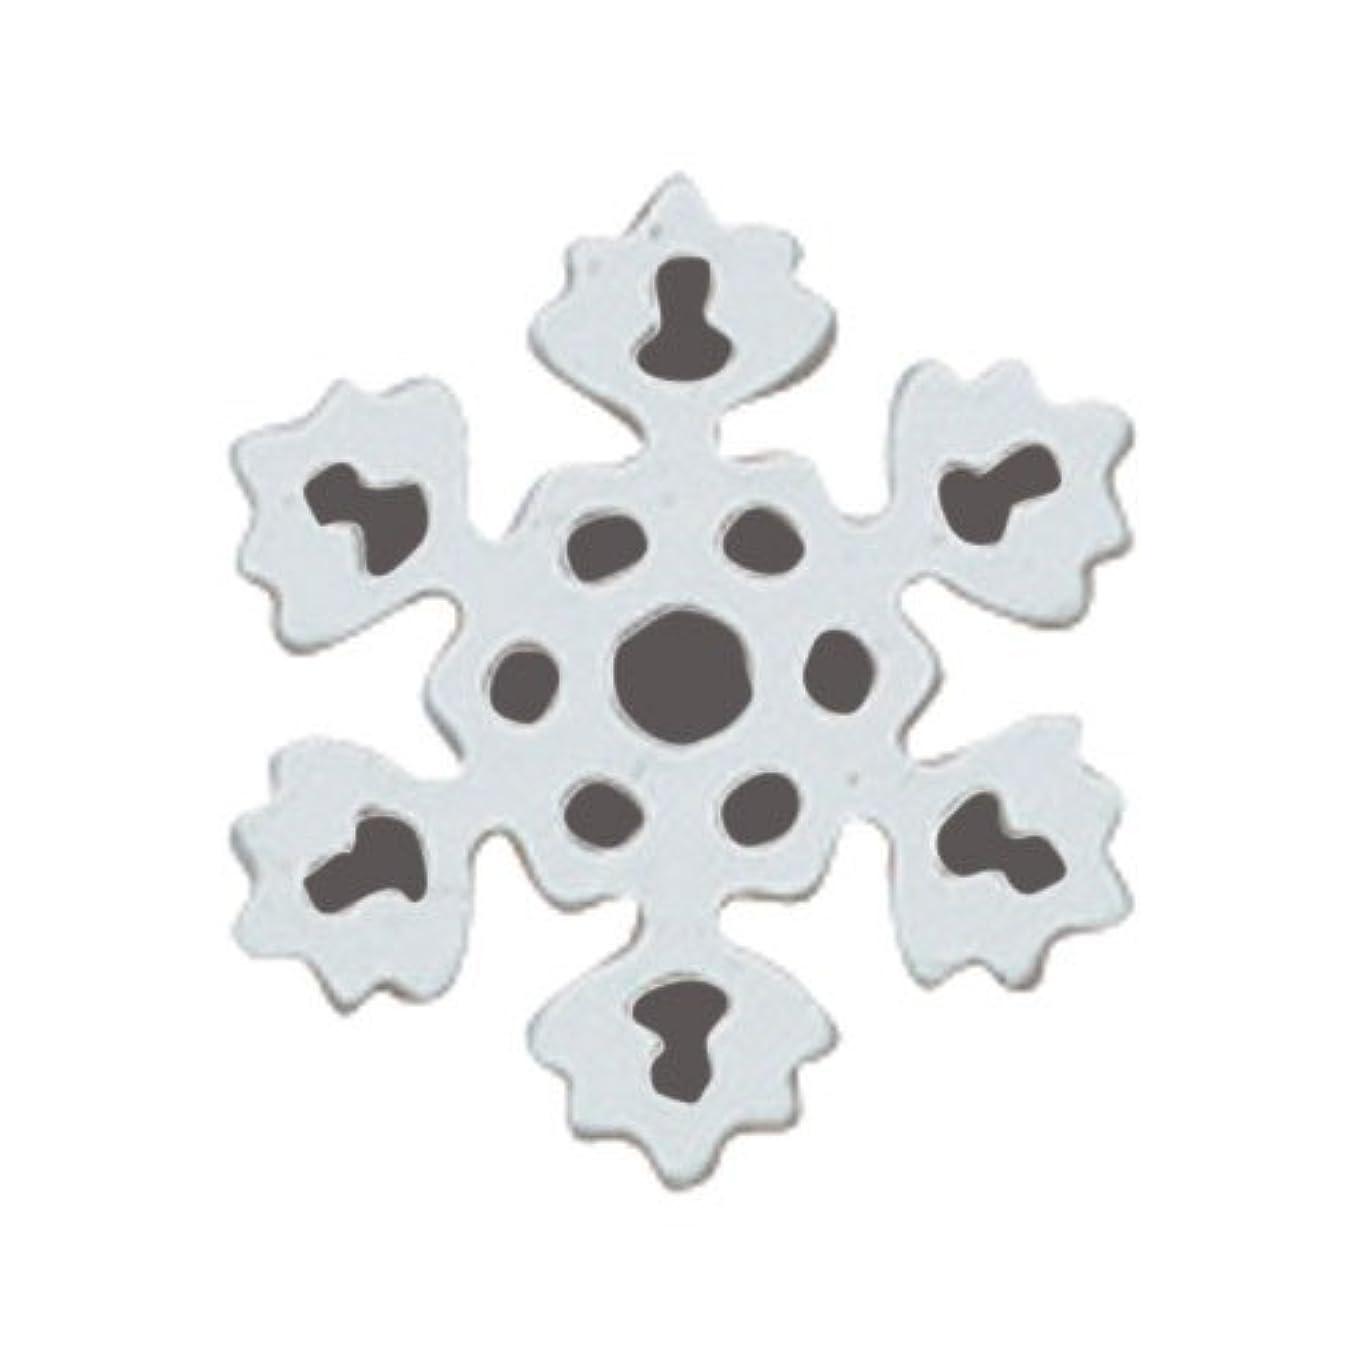 粘着性マンハッタン減衰リトルプリティー ネイルアートパーツ PWスノーホワイト S 10個